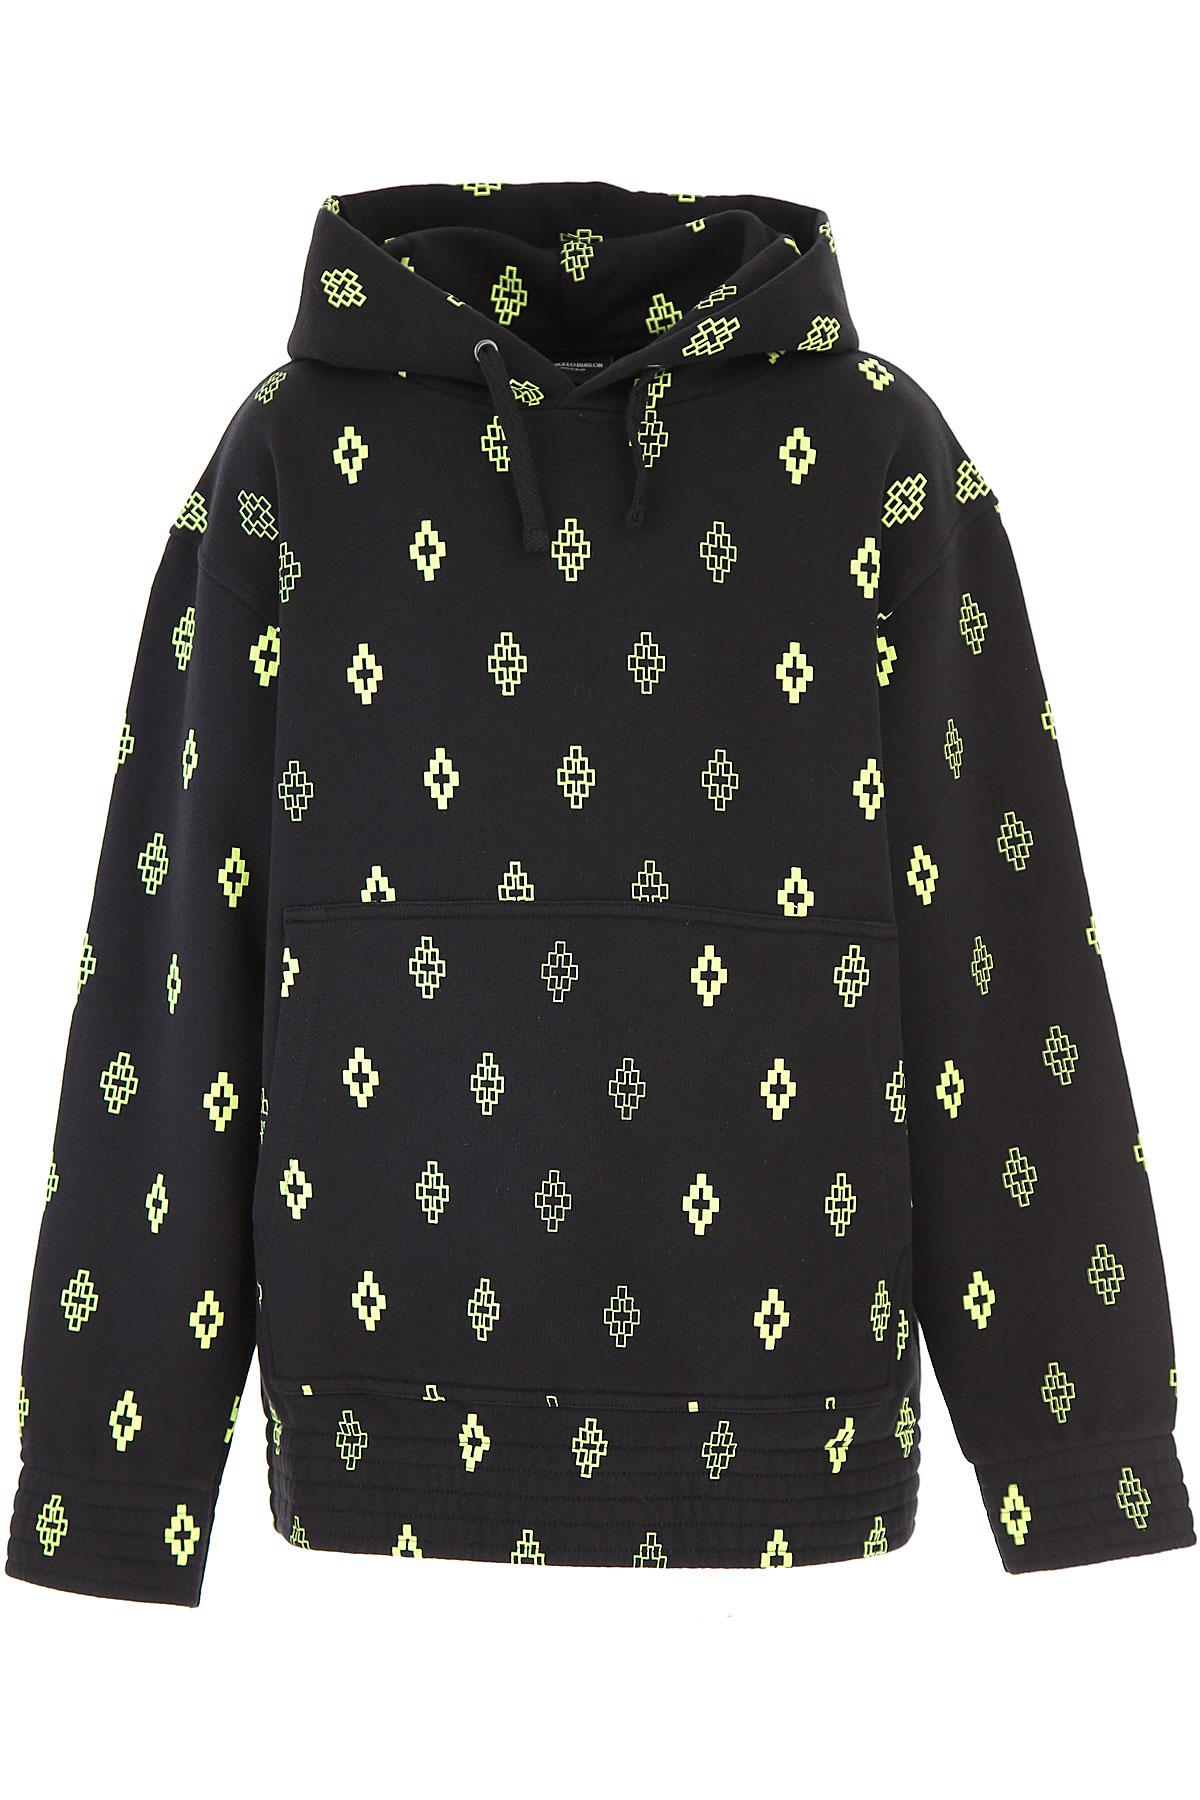 Marcelo Burlon Kids Sweatshirts & Hoodies for Boys On Sale, Black, Cotton, 2019, 10Y 12Y 14Y 8Y